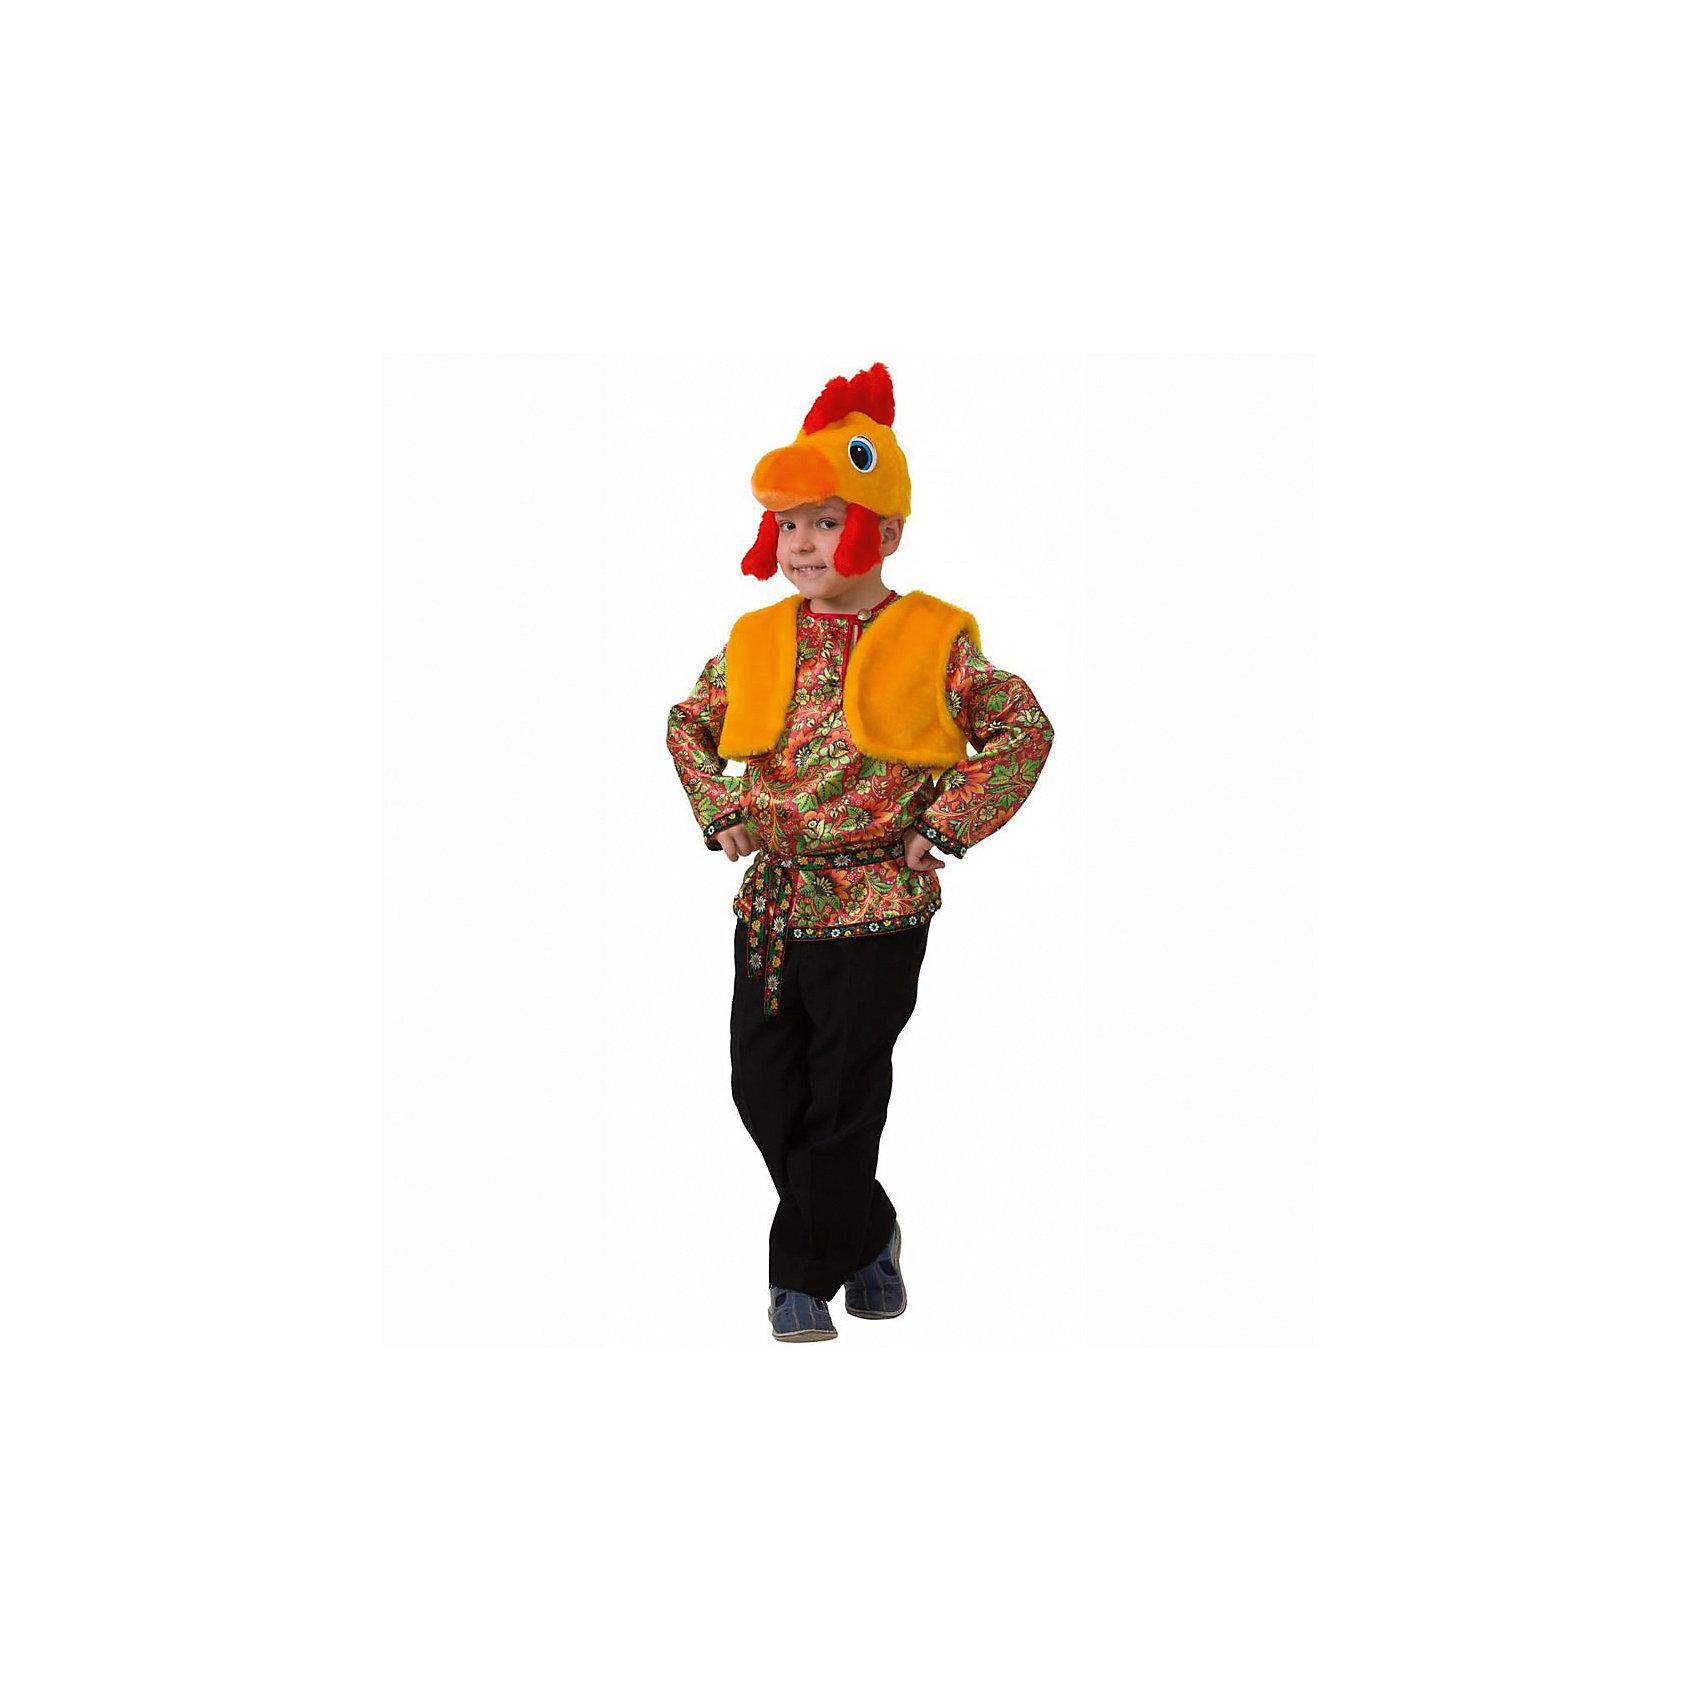 Карнавальный костюм Петушок Петруша (сатин), БатикВсё для праздника<br>Карнавальный костюм Петушок Петруша (сатин), Батик<br><br>Характеристики:<br><br>• Материал: 100% полиэстер.<br>• Цвет: разноцветный, оранжевый.<br><br>В комплекте:<br><br>•  Разноцветная рубашка;<br>• жилет;<br>• шапка – маска.<br><br><br>Карнавальный костюм для мальчиков «Петушок Петруша» выполнен в  русском стиле из текстильной ткани и качественного искусственного меха. В комплект костюма входит рубашка ярких зеленых, оранжевых, желтых и красных цветов, выполненная с эксклюзивным принтом под хохлому, на воротнике рубашки застежка на пуговицу. Рубашка подпоясывается ленточкой с раскрасом под хохлому. Также в комплект карнавального костюма Петушок Петруша входит оранжевого цвета меховая жилетка и маска в виде мордочки петушка из оранжевого меха с ярким красным хохолком. В таком карнавальном костюме, «Петушок Петруша»,  ваш мальчик получит максимальное удовольствие от праздника и подарит радость окружающим!<br><br>Карнавальный костюм Петушок Петруша, Батик можно купить в нашем интернет – магазине.<br><br>Ширина мм: 500<br>Глубина мм: 50<br>Высота мм: 700<br>Вес г: 600<br>Цвет: разноцветный<br>Возраст от месяцев: 60<br>Возраст до месяцев: 72<br>Пол: Мужской<br>Возраст: Детский<br>Размер: 30,26,28<br>SKU: 5092555